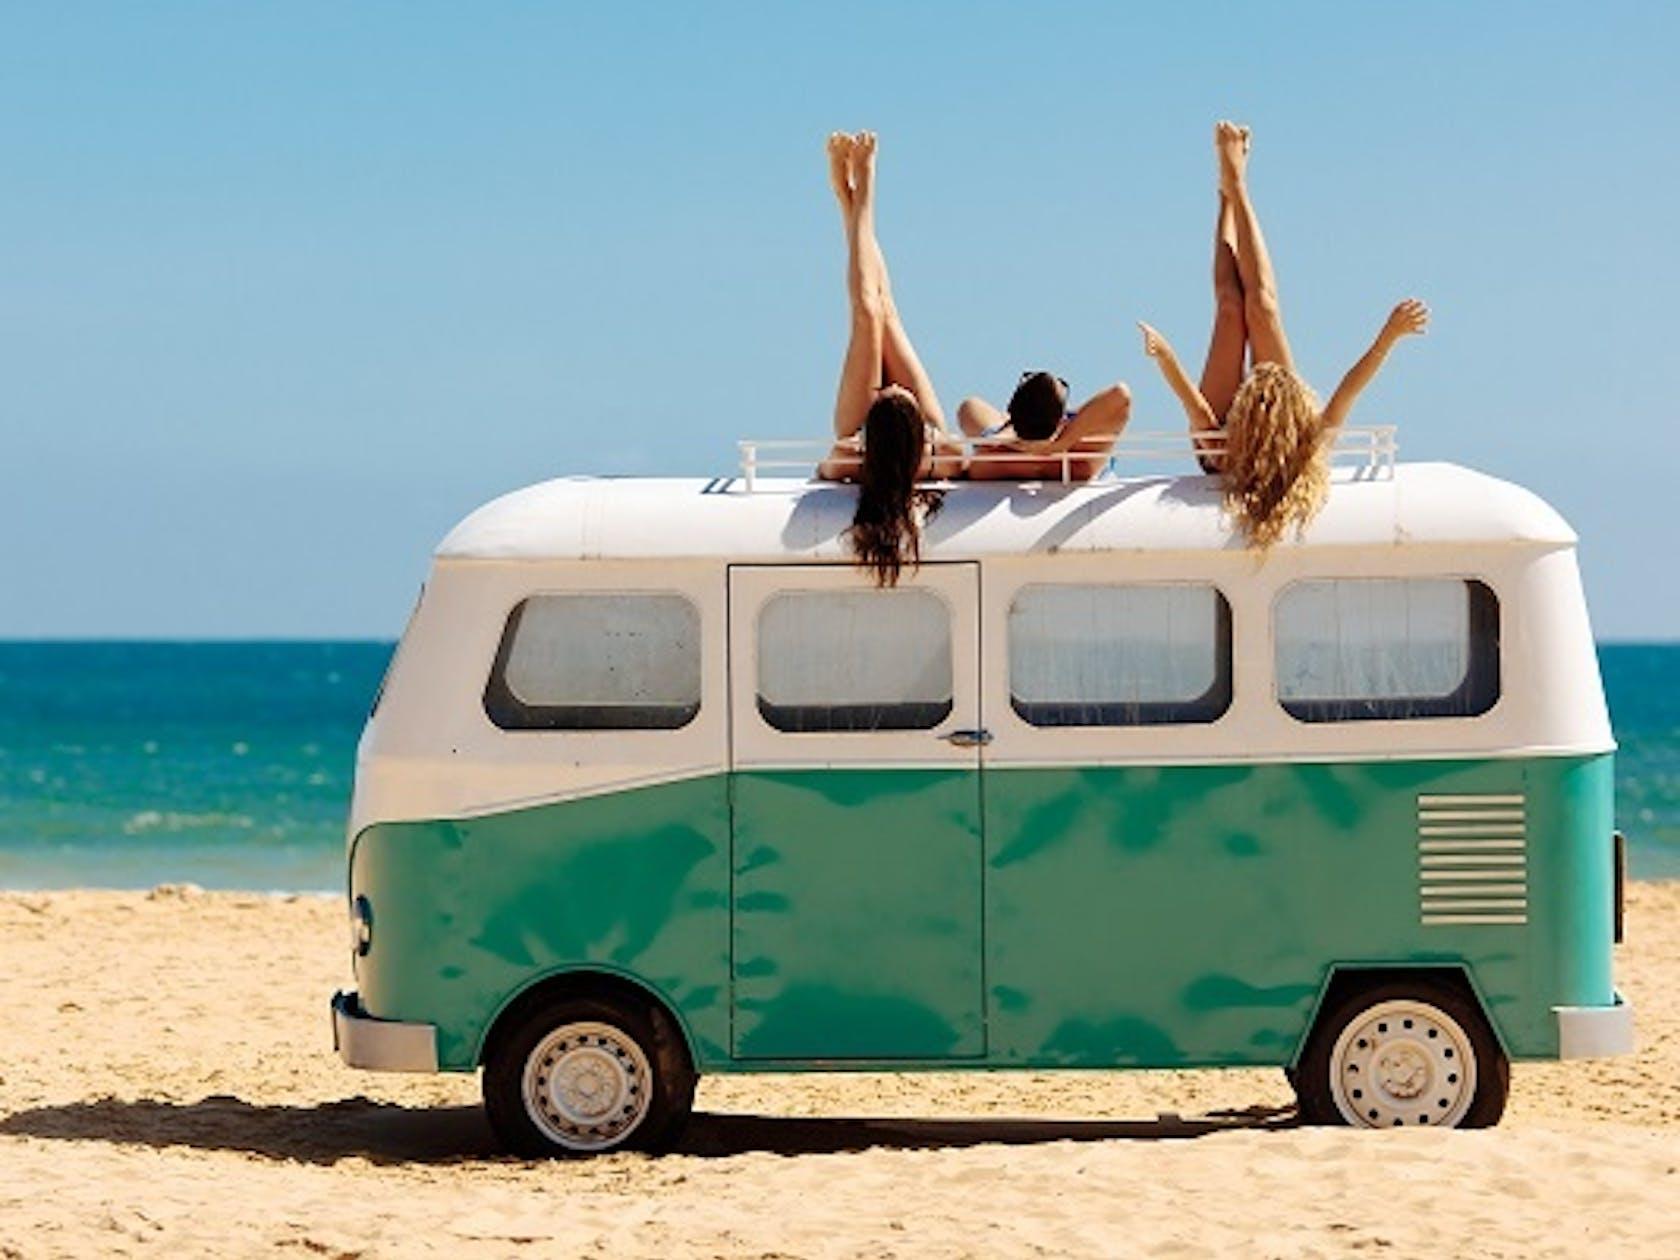 Jugendliche liegen auf Camper-Bus im Sommer am Strand und strecken Beine in die Luft